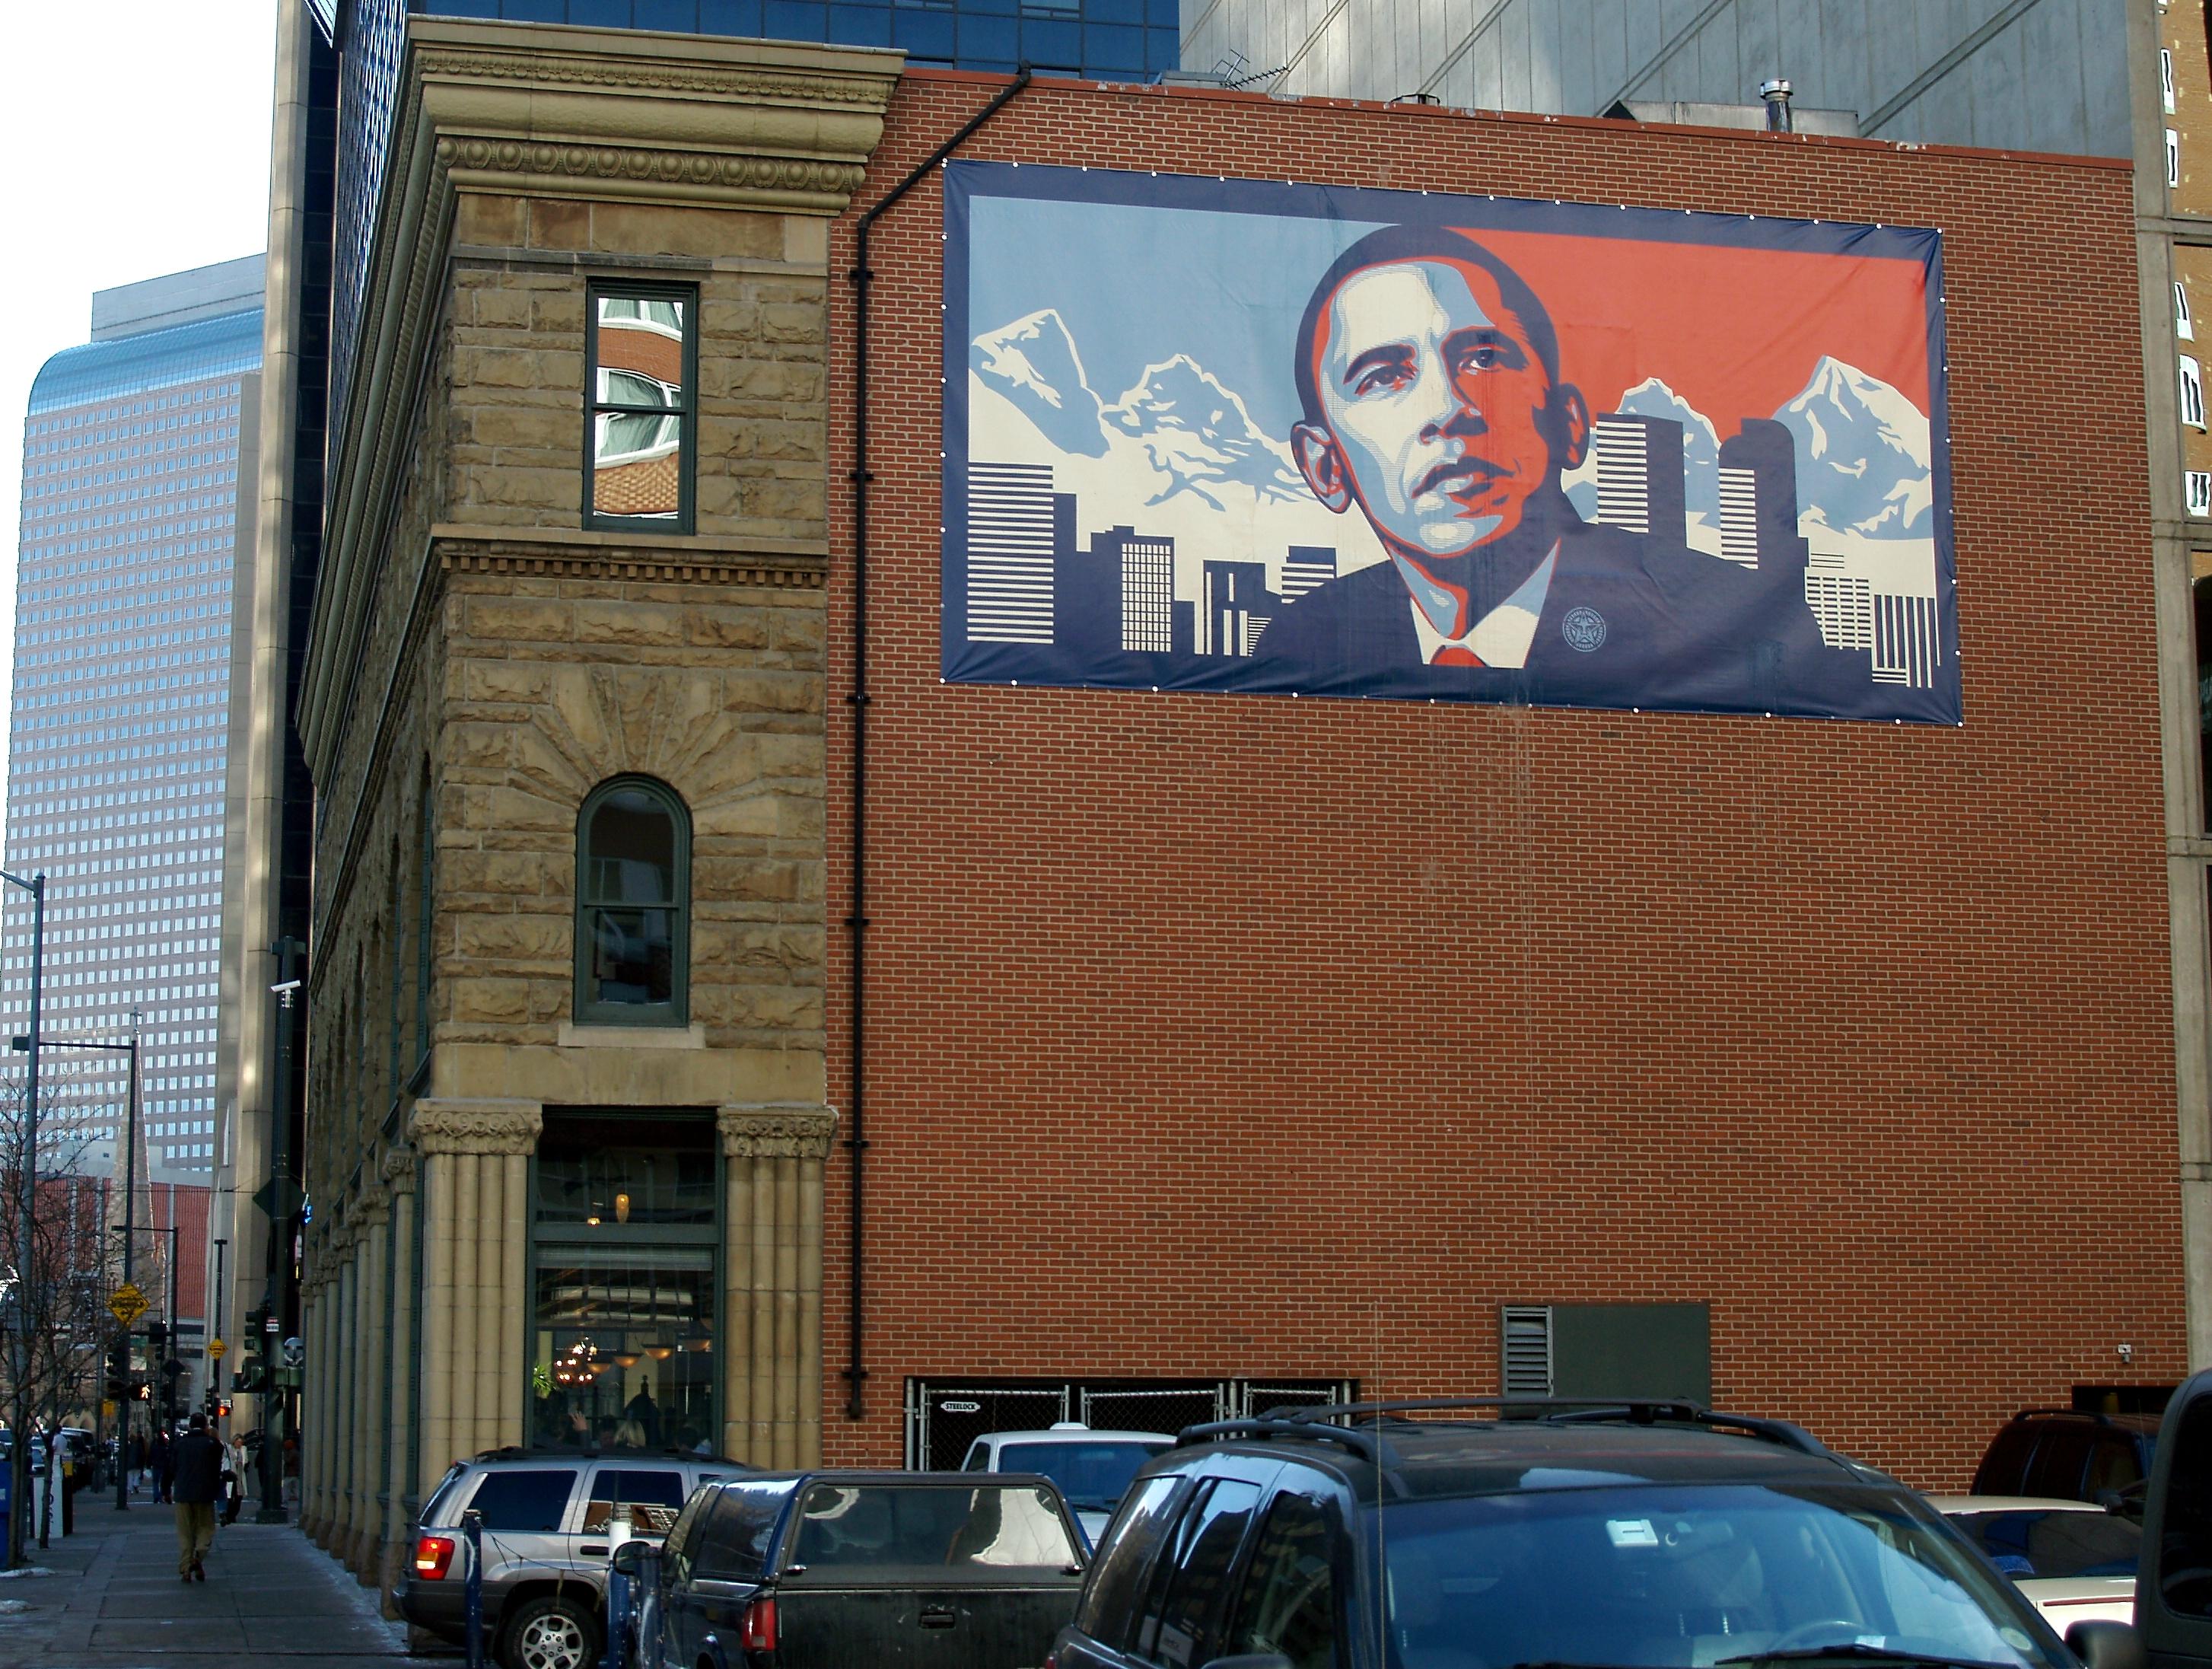 L'America cambia: un poster di Obama in Colorado